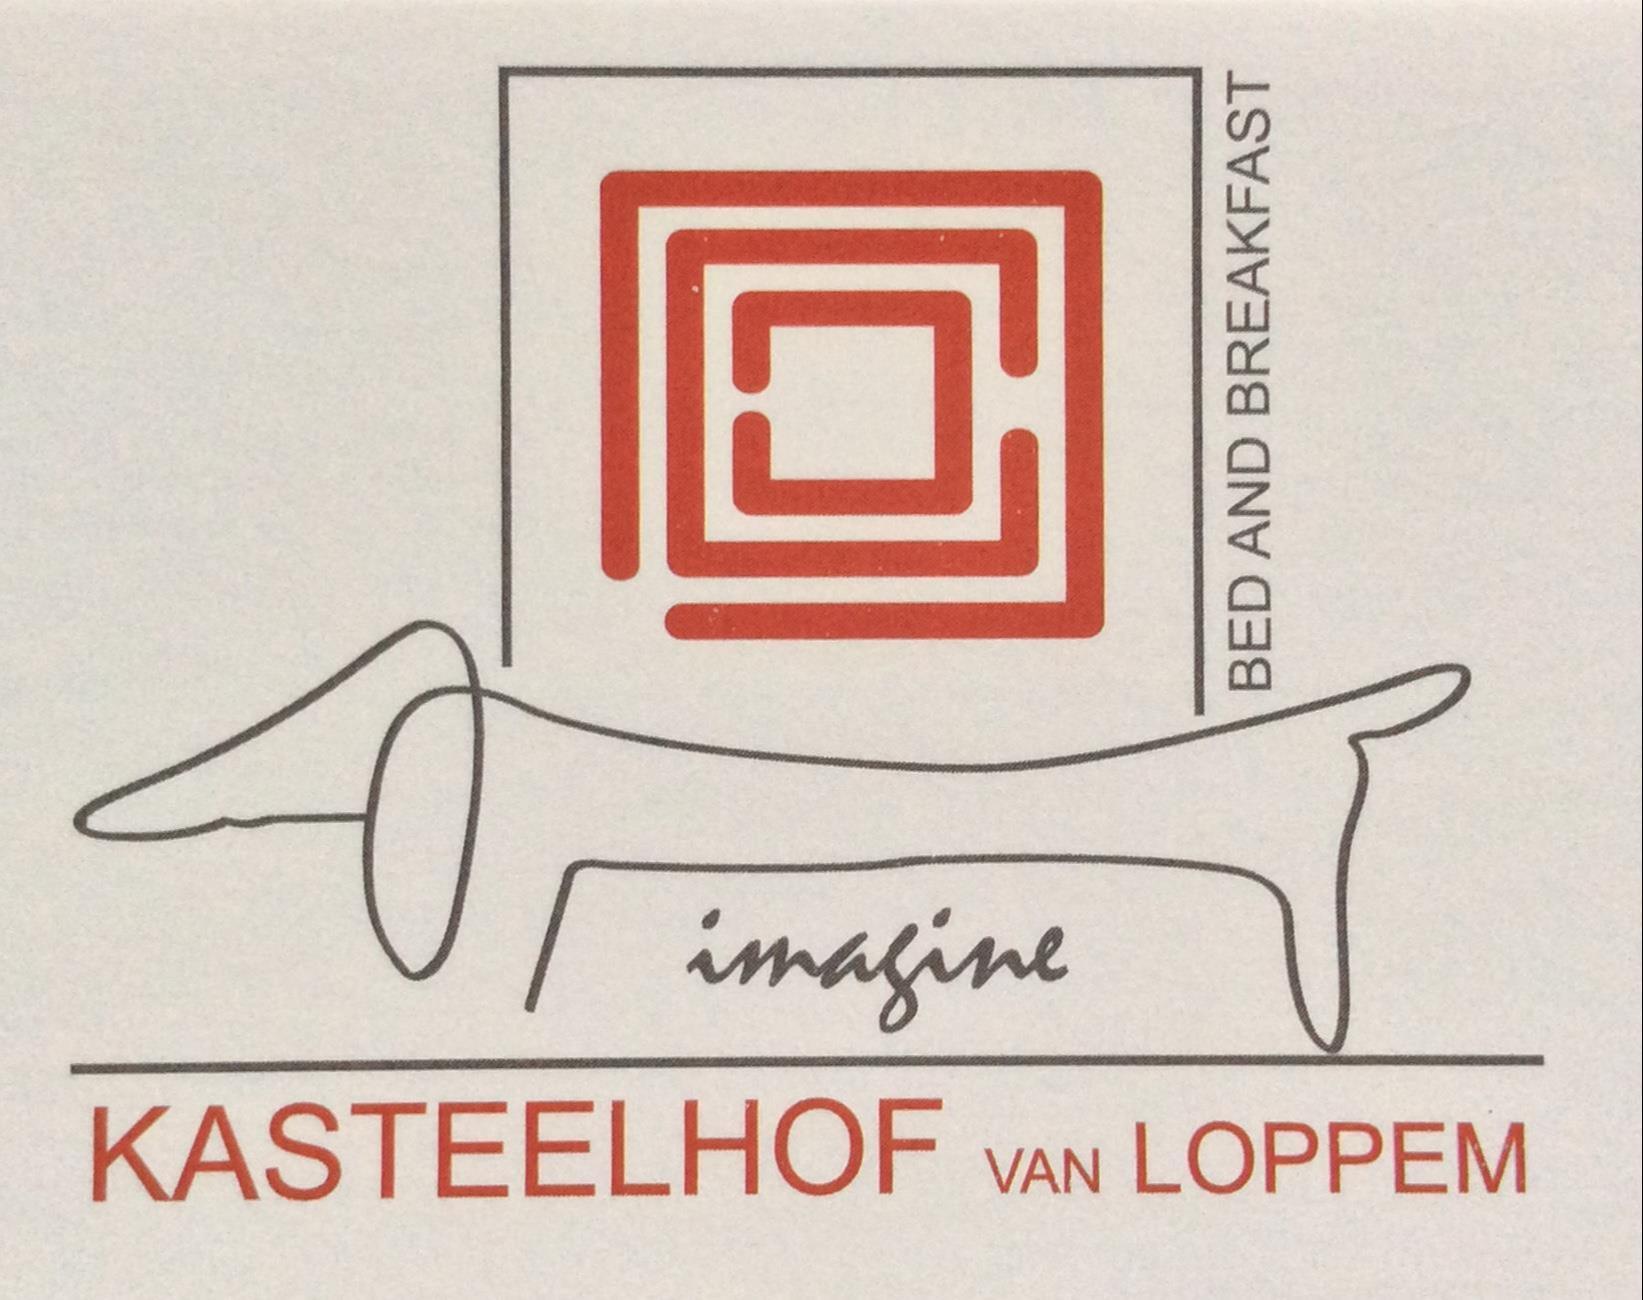 Kasteelhof Van Loppem